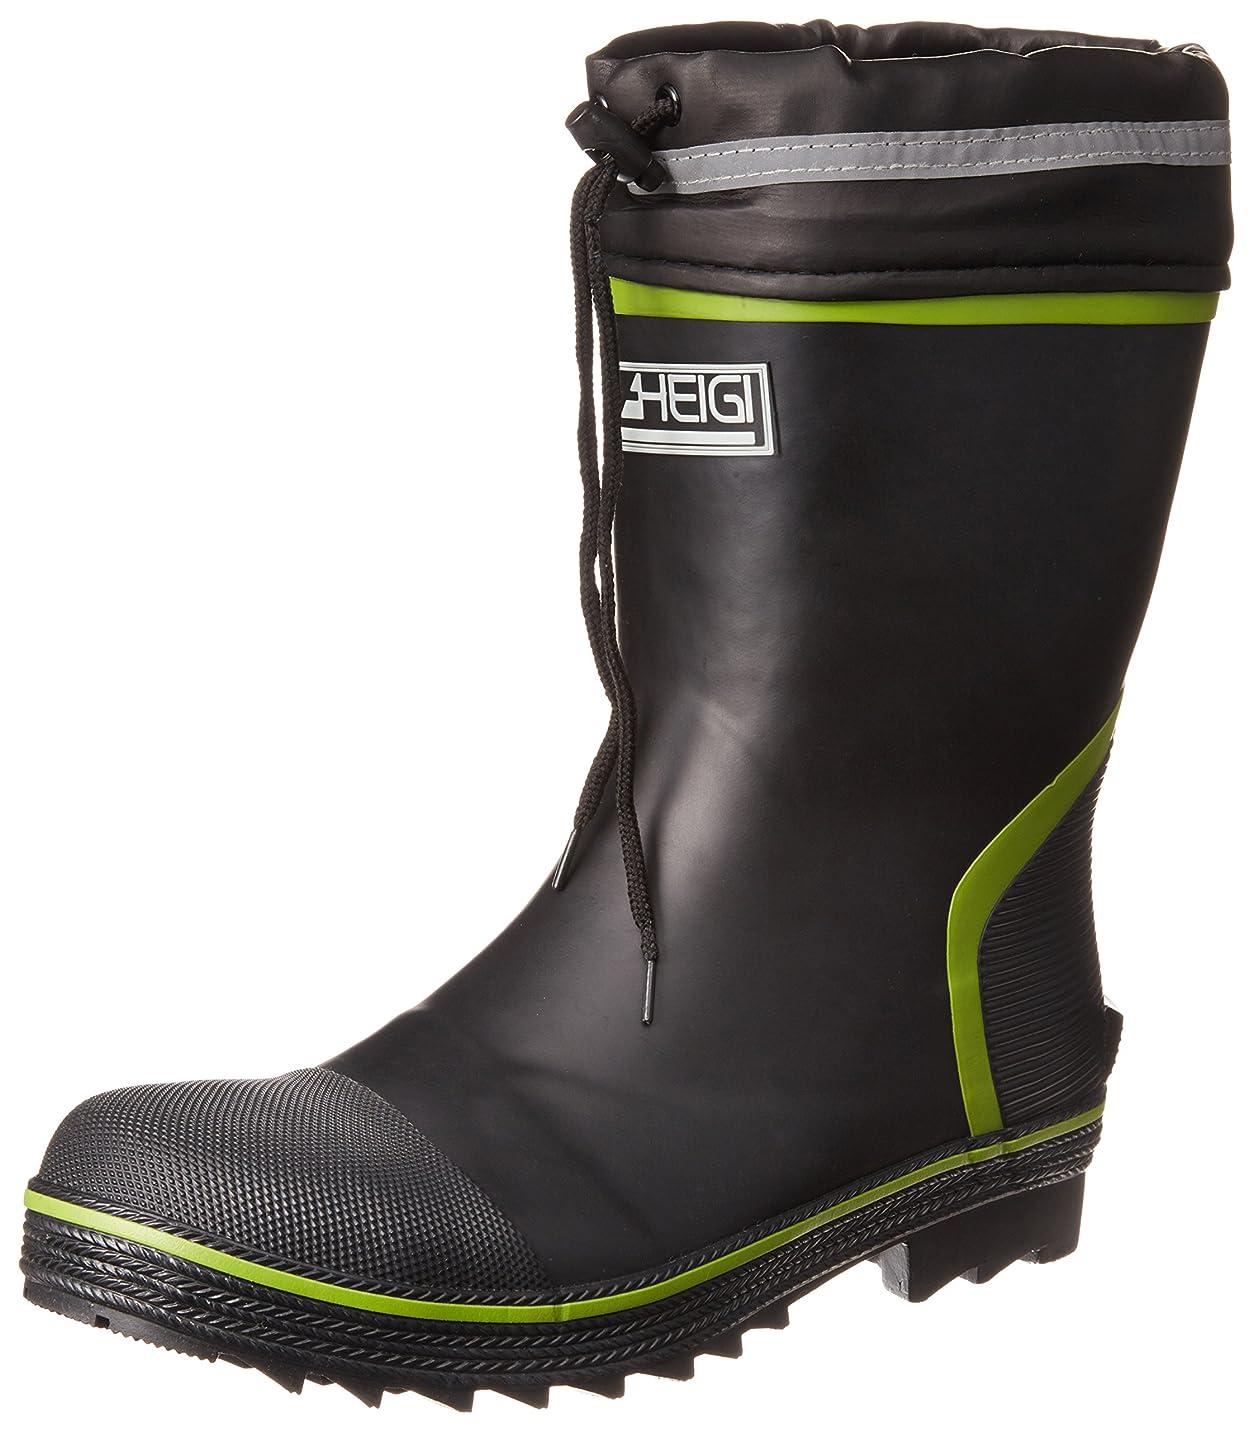 エントリ自治的ローズ[ヘイギ] 安全長靴 セーフティーブーツ ショートタイプ インソール付き メンズ